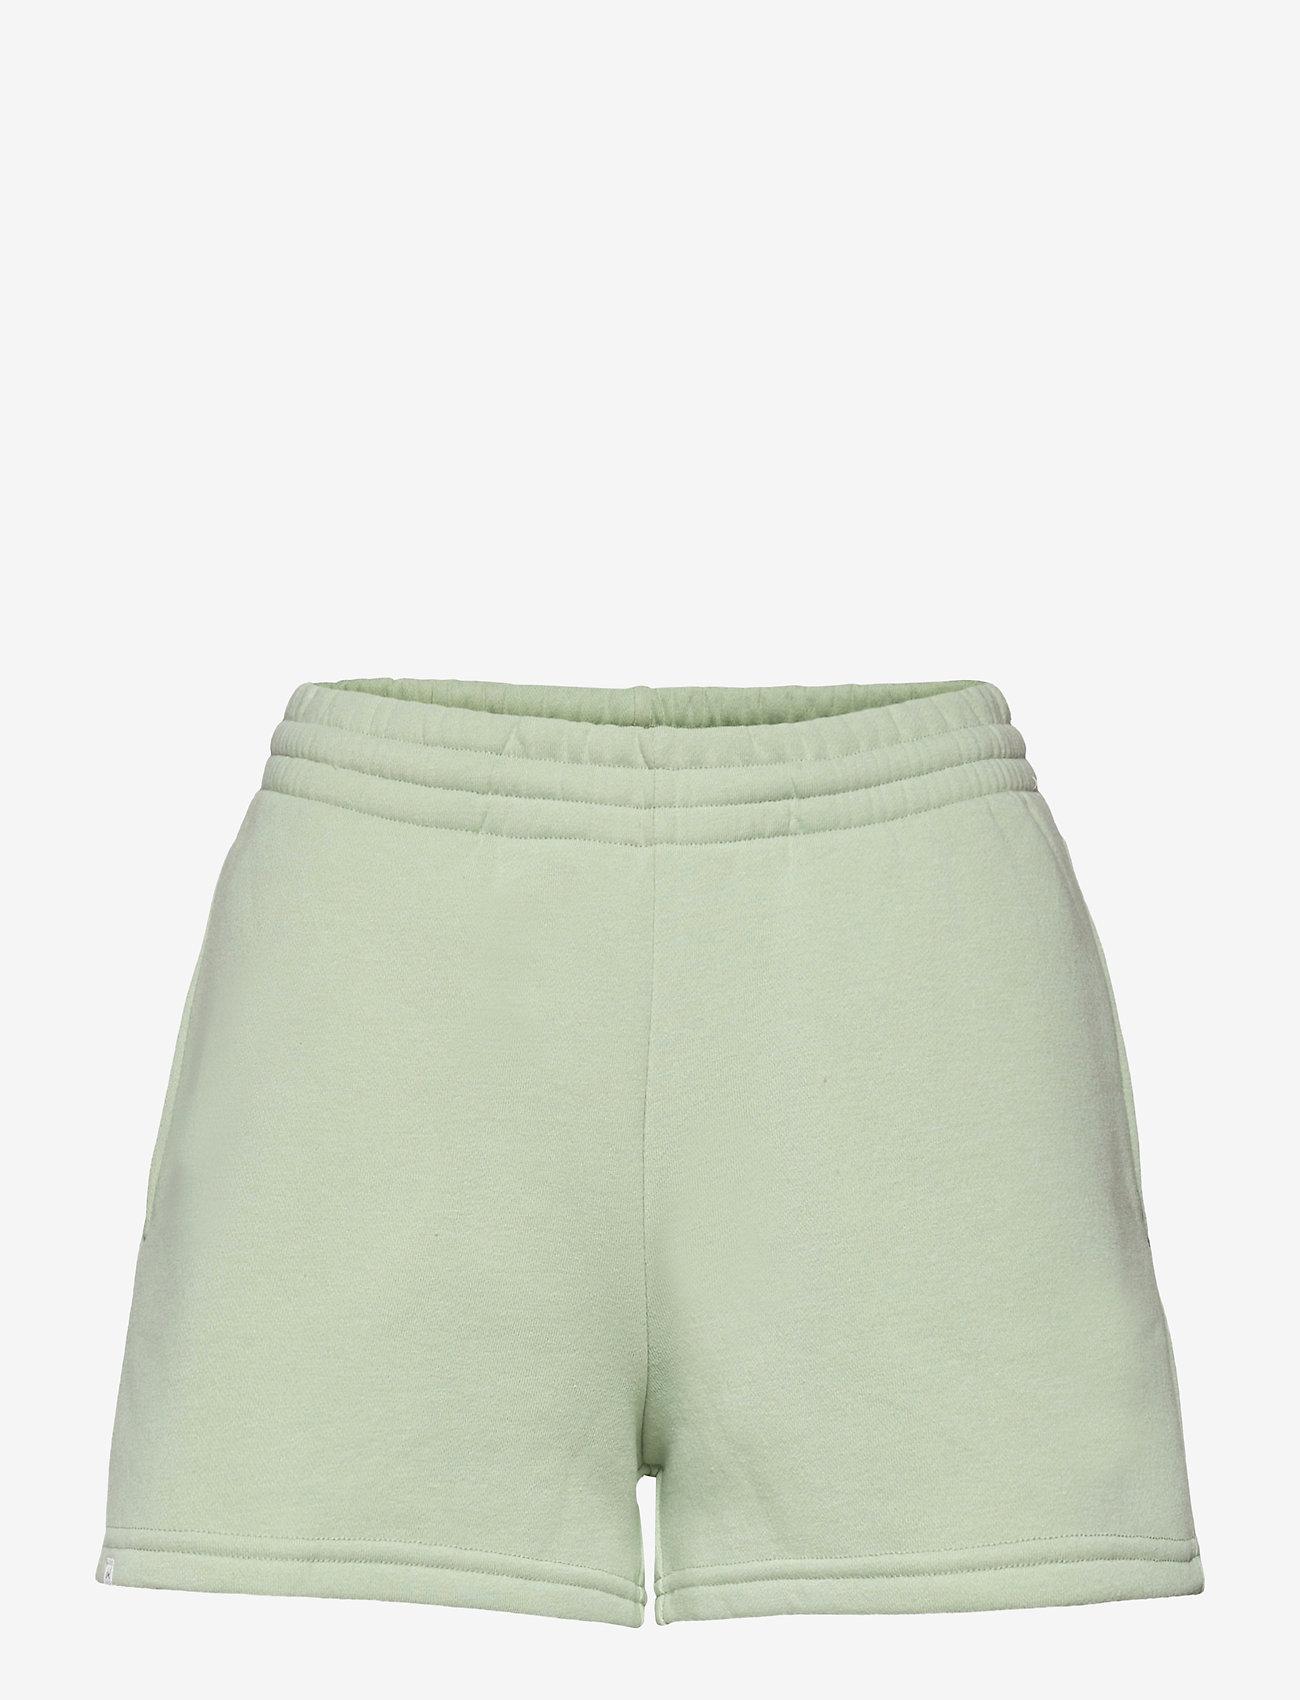 Barbara Kristoffersen by Rosemunde - Shorts - shorts casual - smoke green - 1